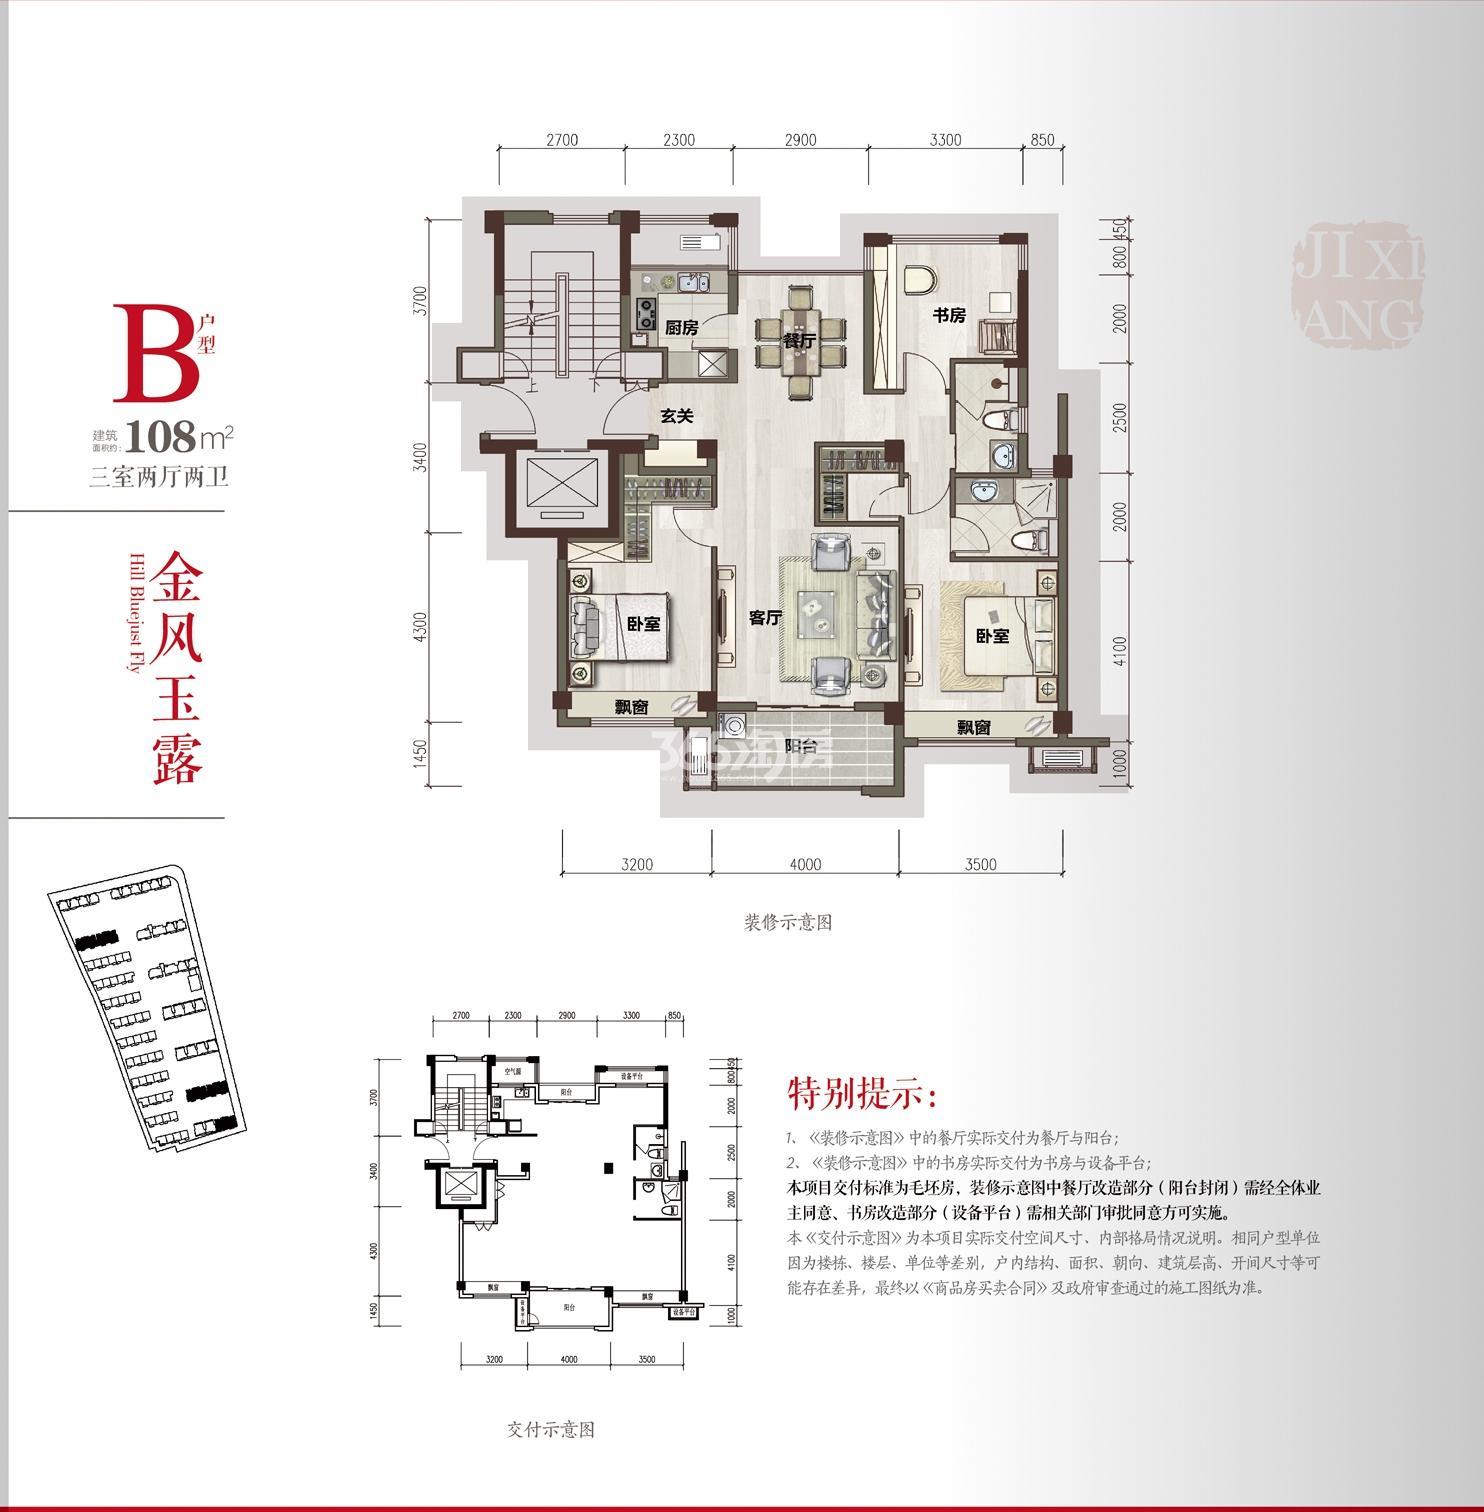 吉翔·澜山公馆户型B